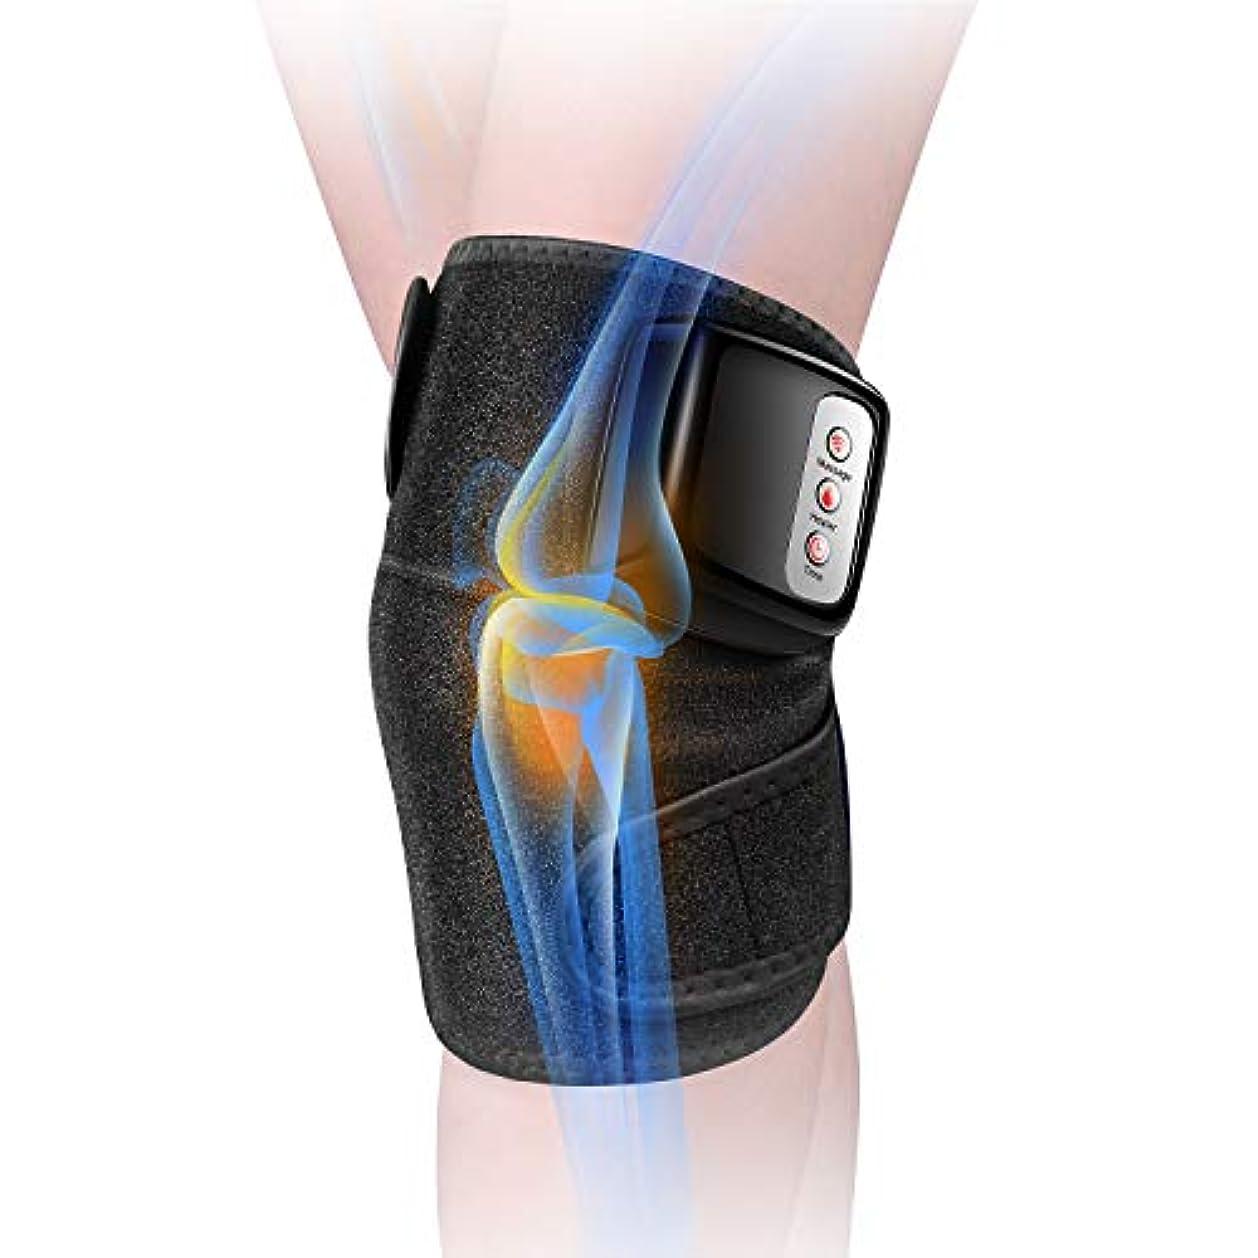 チョコレート撤回する装置膝マッサージャー 関節マッサージャー マッサージ器 フットマッサージャー 振動 赤外線療法 温熱療法 膝サポーター ストレス解消 肩 太もも/腕対応